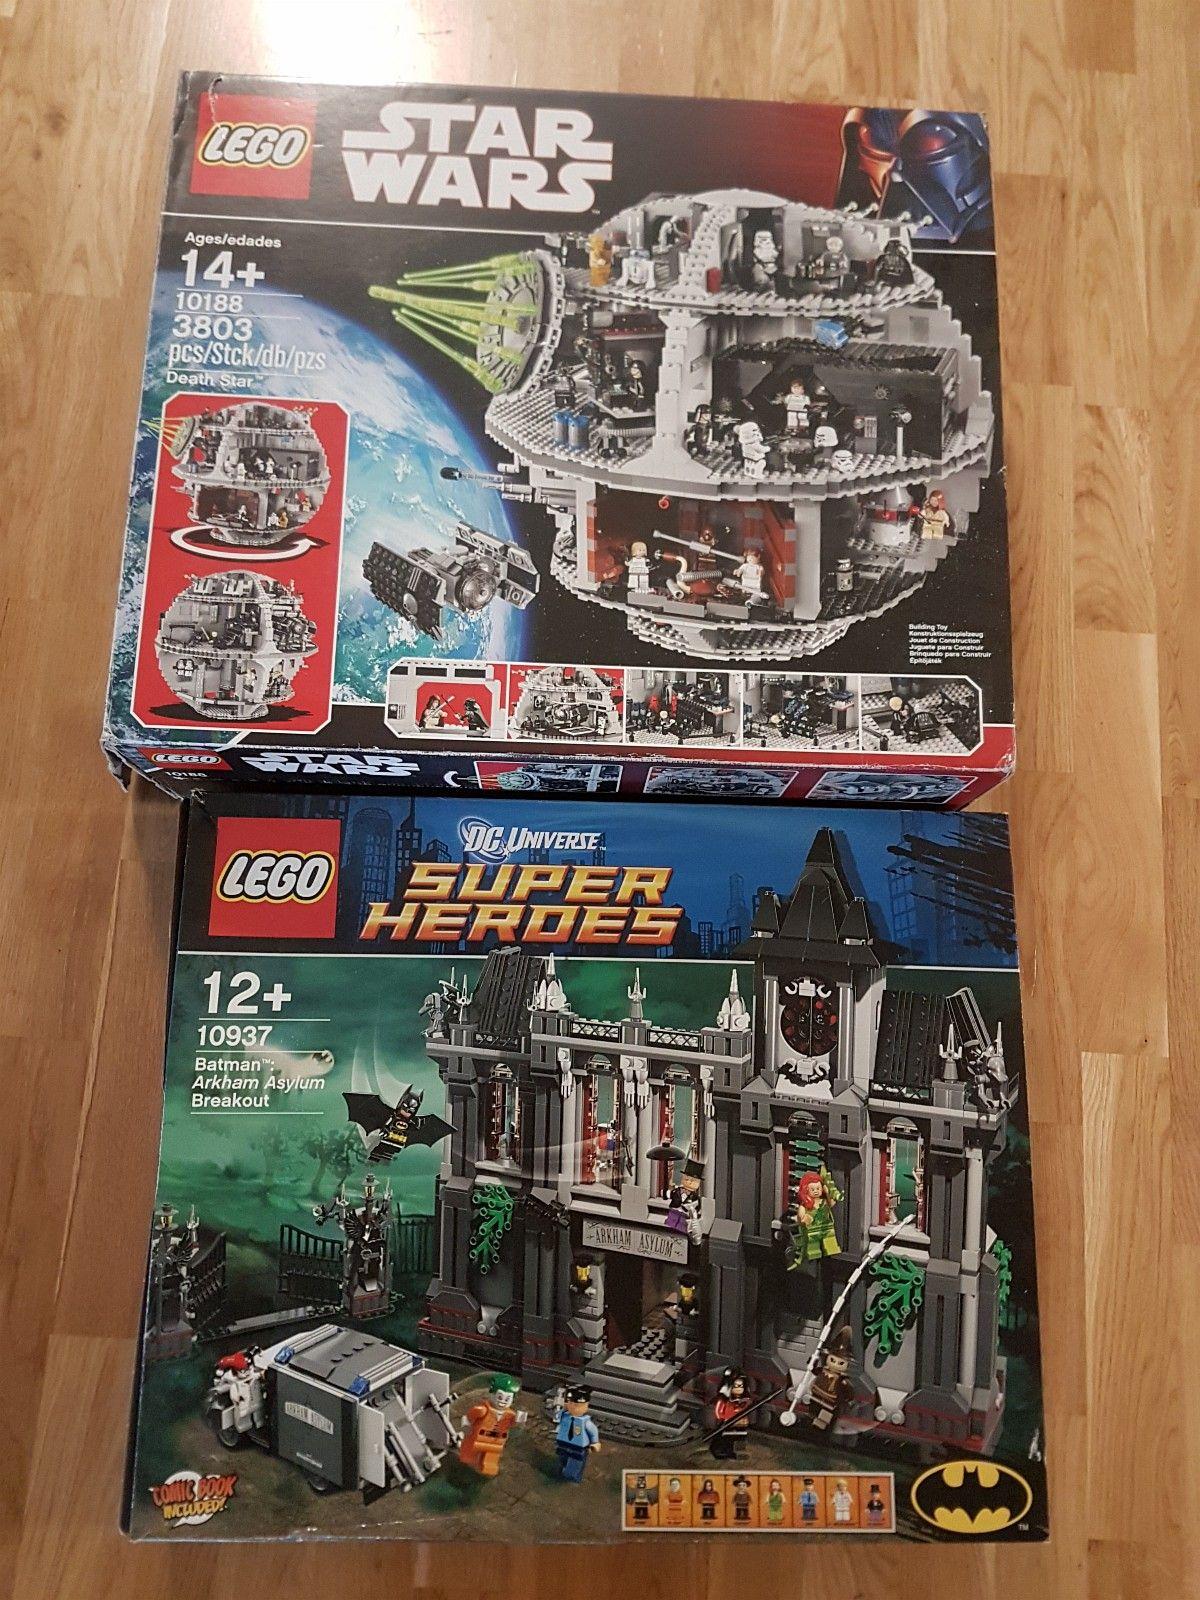 Lego selges! - Svorkmo  - Legger noe motvillig ut disse settene for salg. Begge er bygd en gang og plukket ned pga flytting. Komplette sett, pakket i plastposer.  Gi bud! - Svorkmo